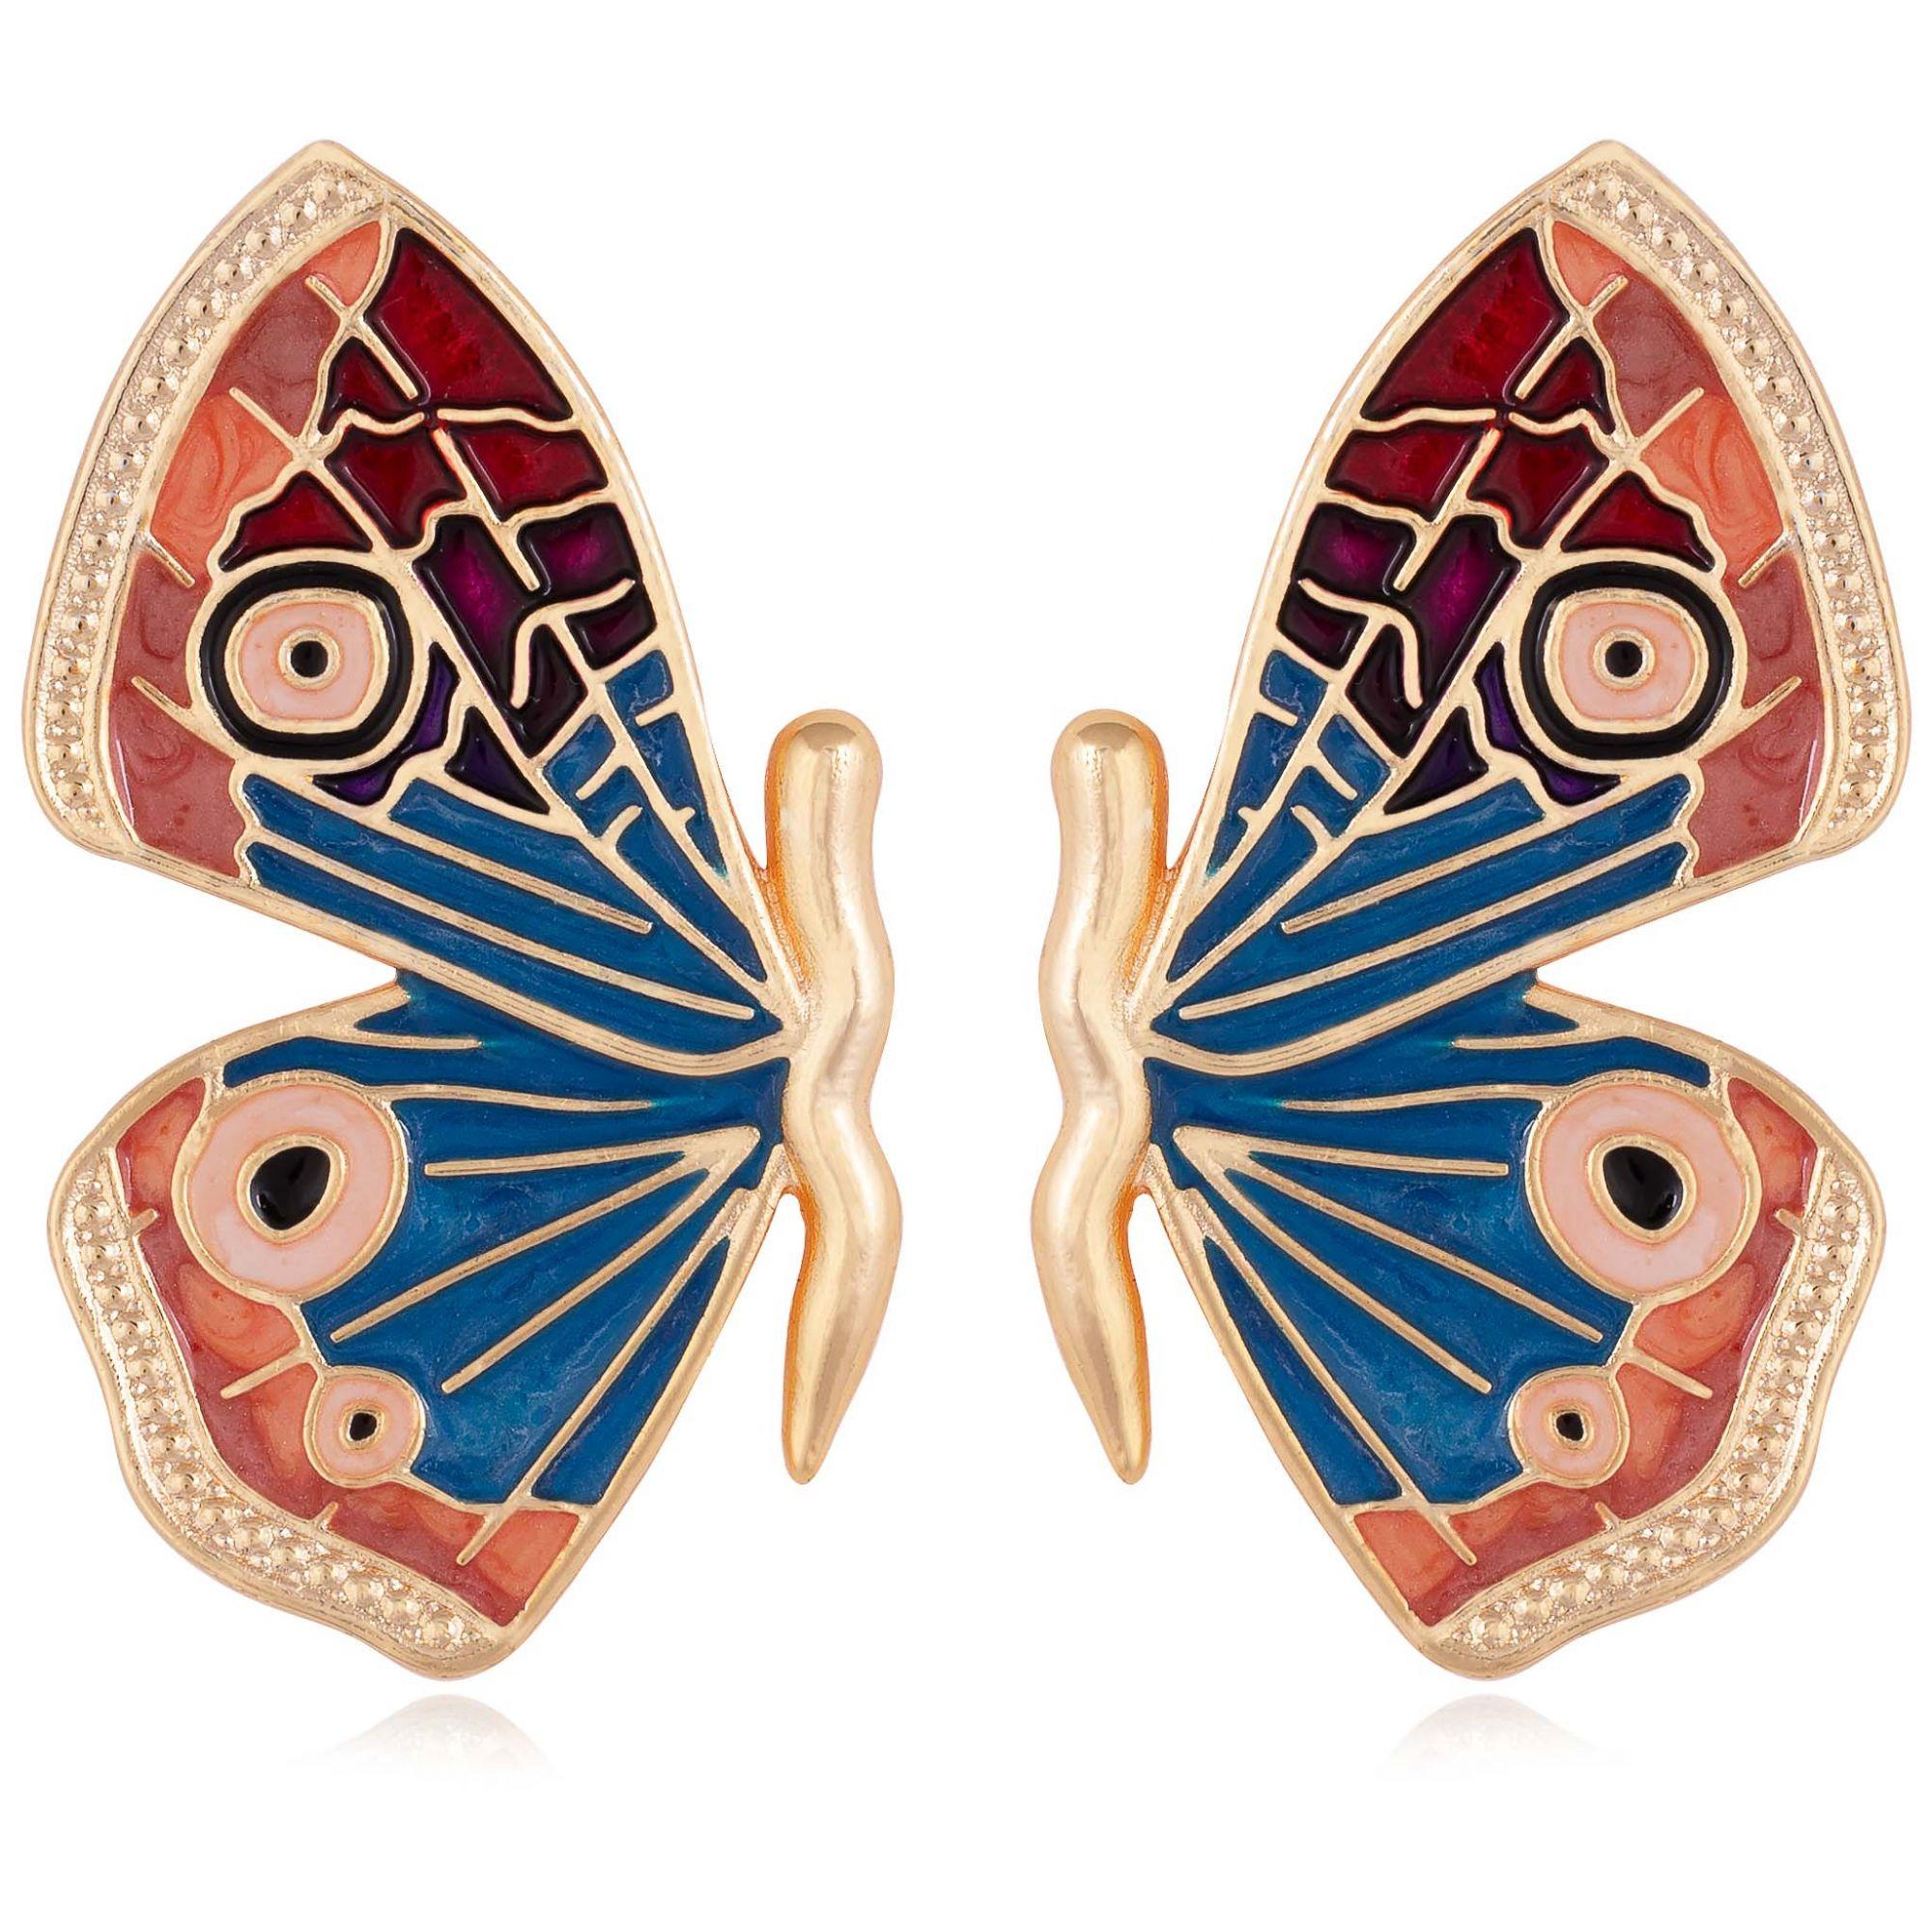 Brinco borboleta banhado a ouro 18k resinado em azul, vermelho e tons terrosos.  - romabrazil.com.br